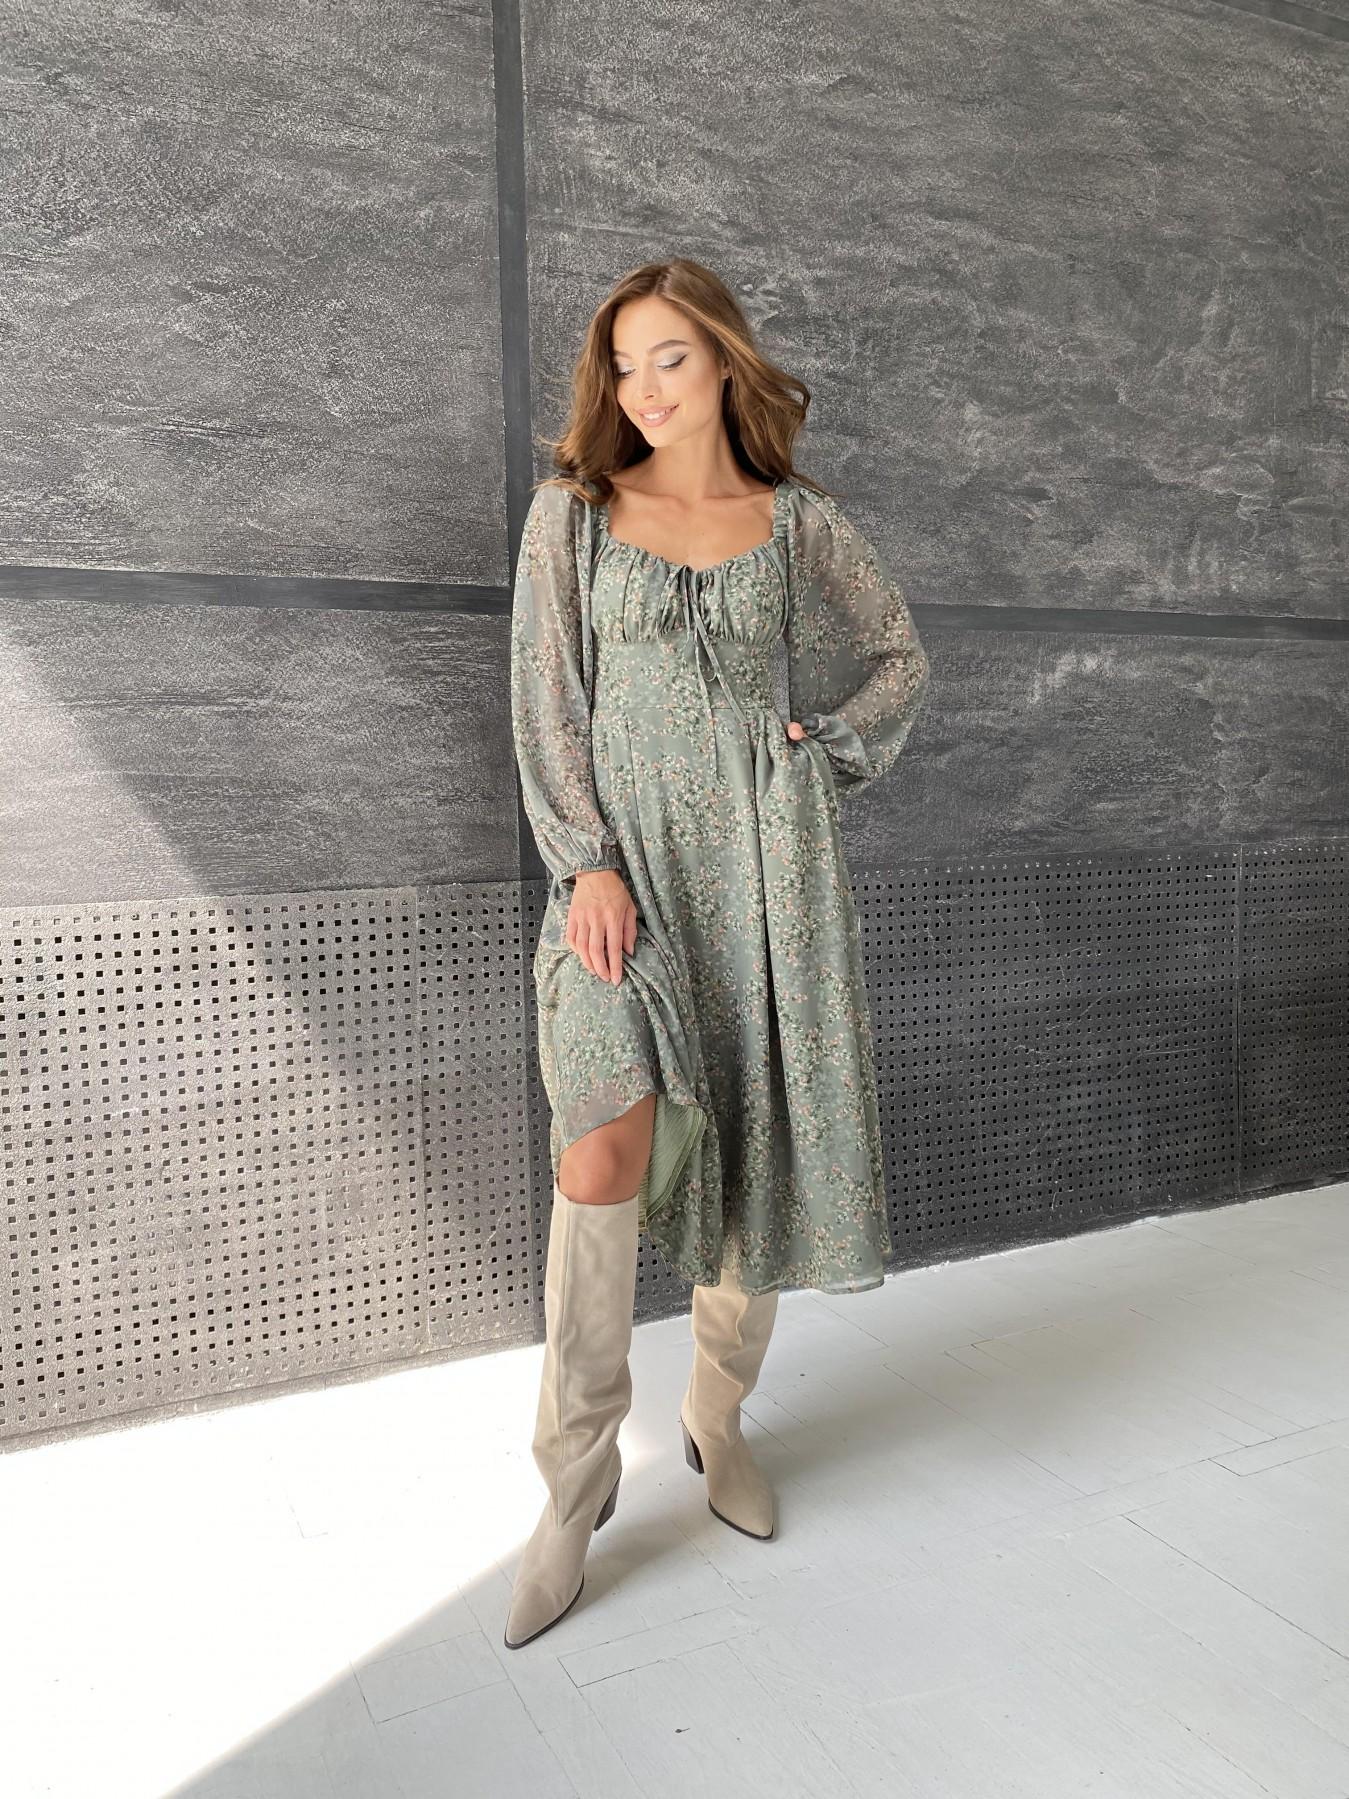 Кисес платье из шифона с цветочным принтом 11774 АРТ. 48507 Цвет: Зеленый/ЦветыНаВетке - фото 2, интернет магазин tm-modus.ru